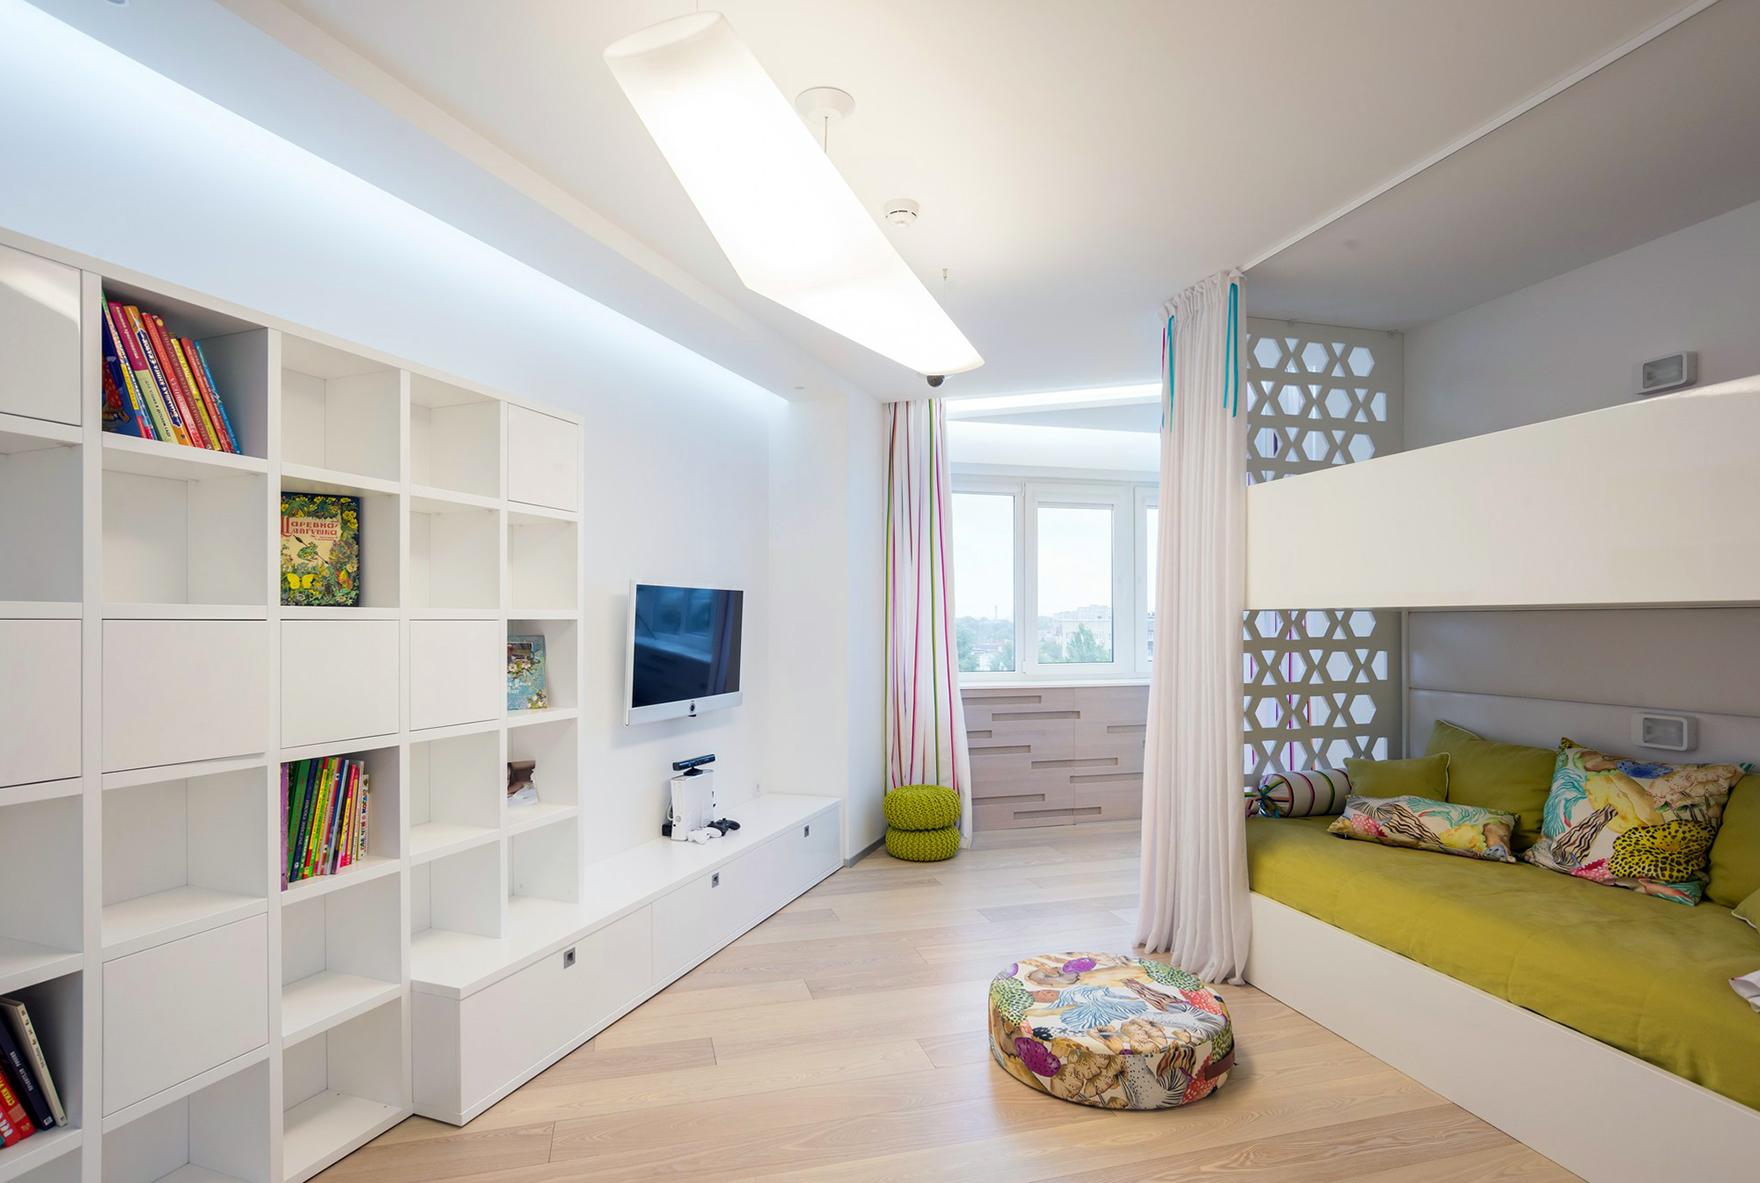 Дизайн детской комнаты для двух мальчиков в стиле минимализм